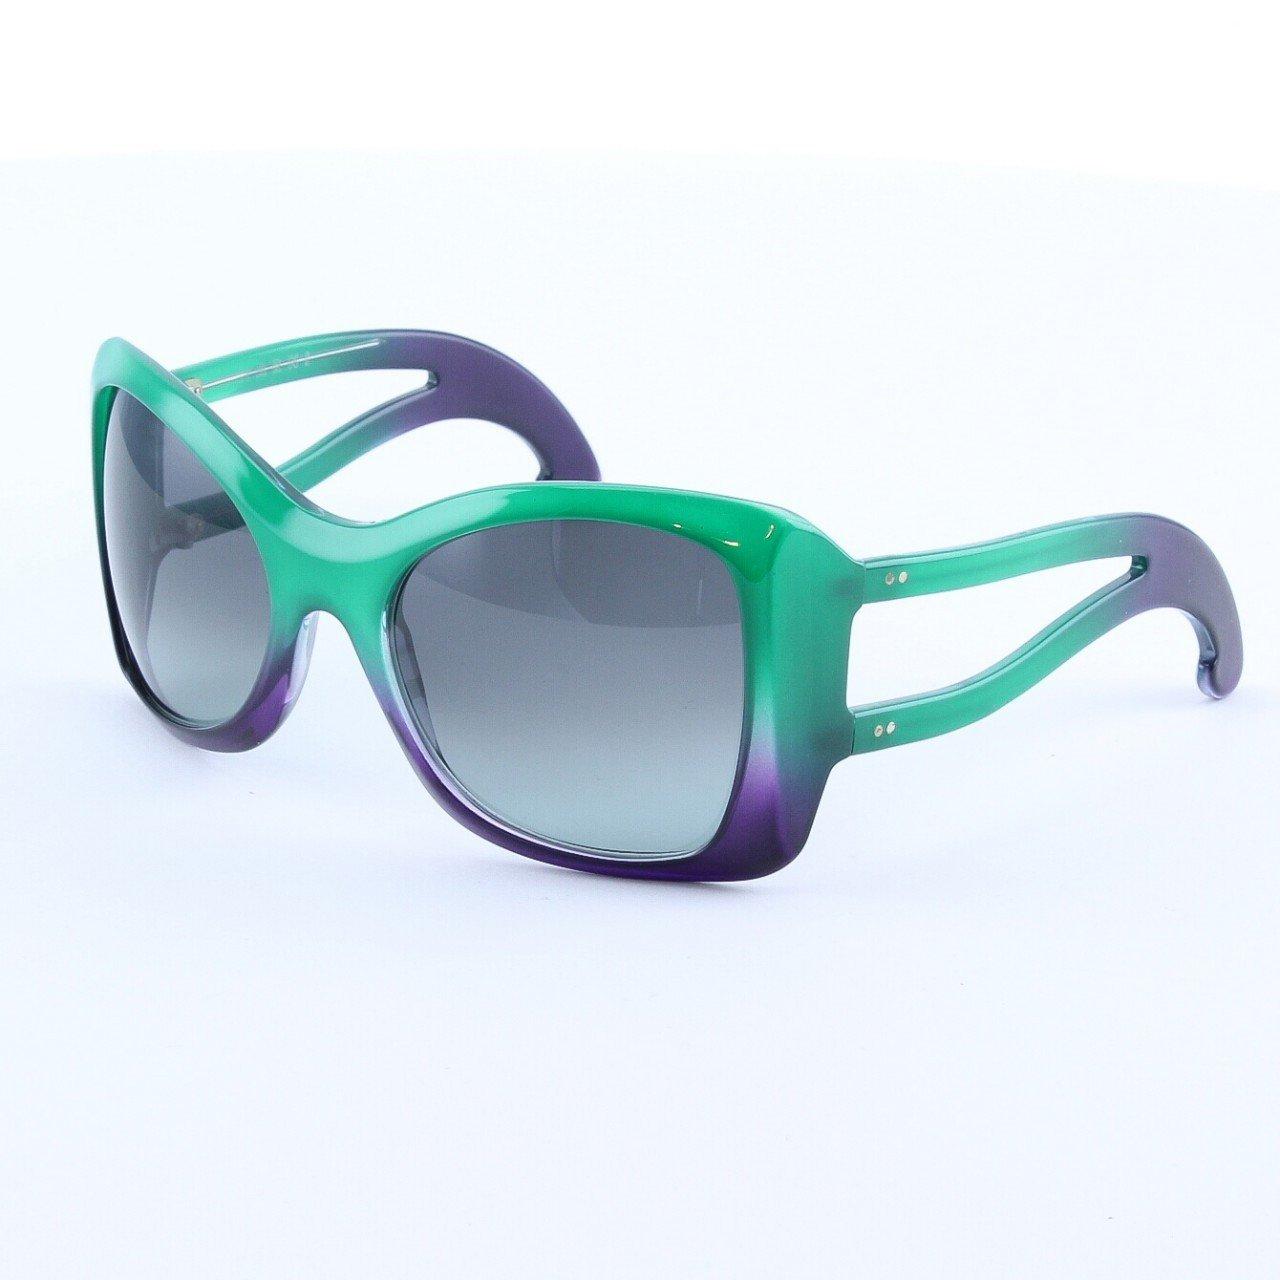 Marni MA150S Sunglasses Col. 04 Emerald Green Graduating to Purple with Gray Lenses